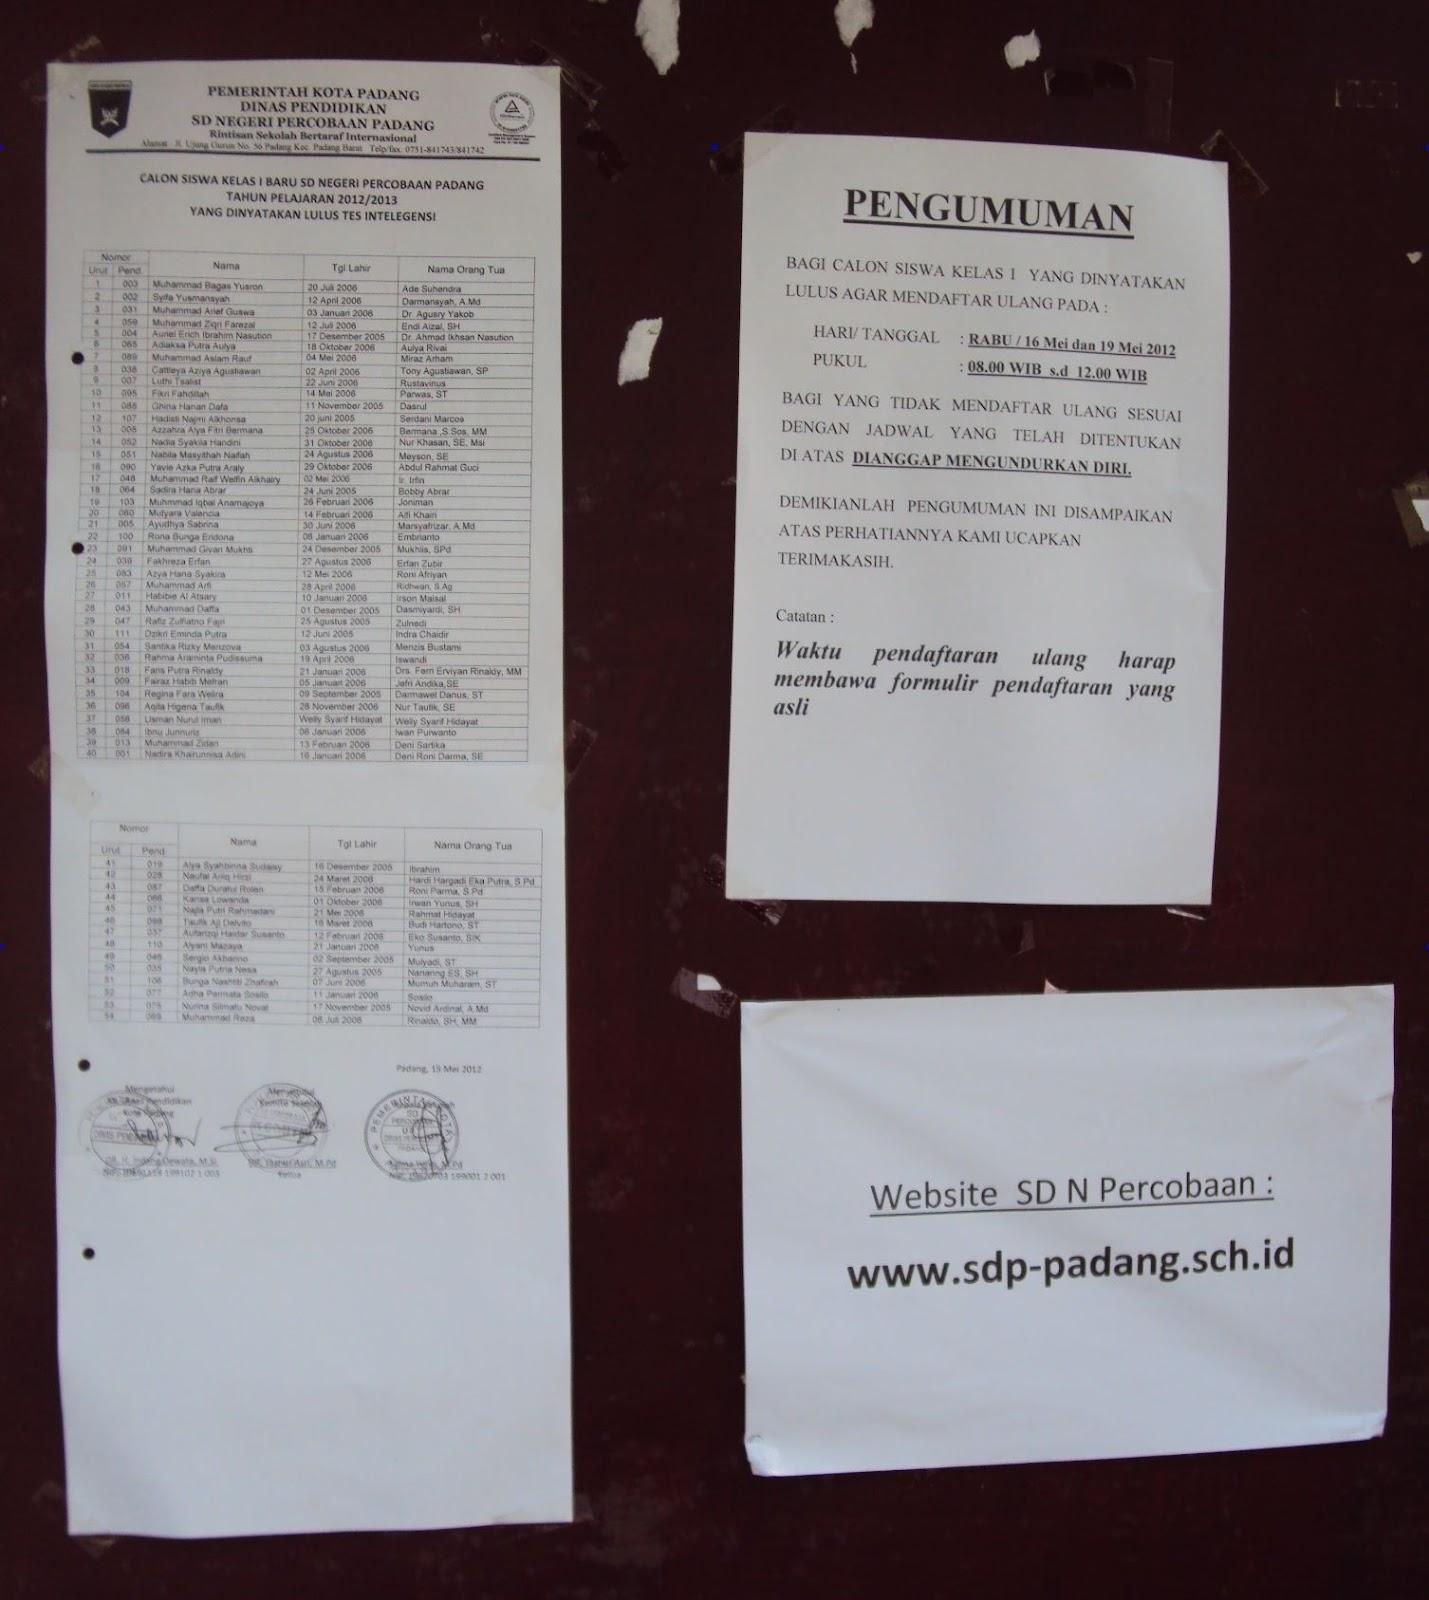 Pengumuman SD Percobaan Padang